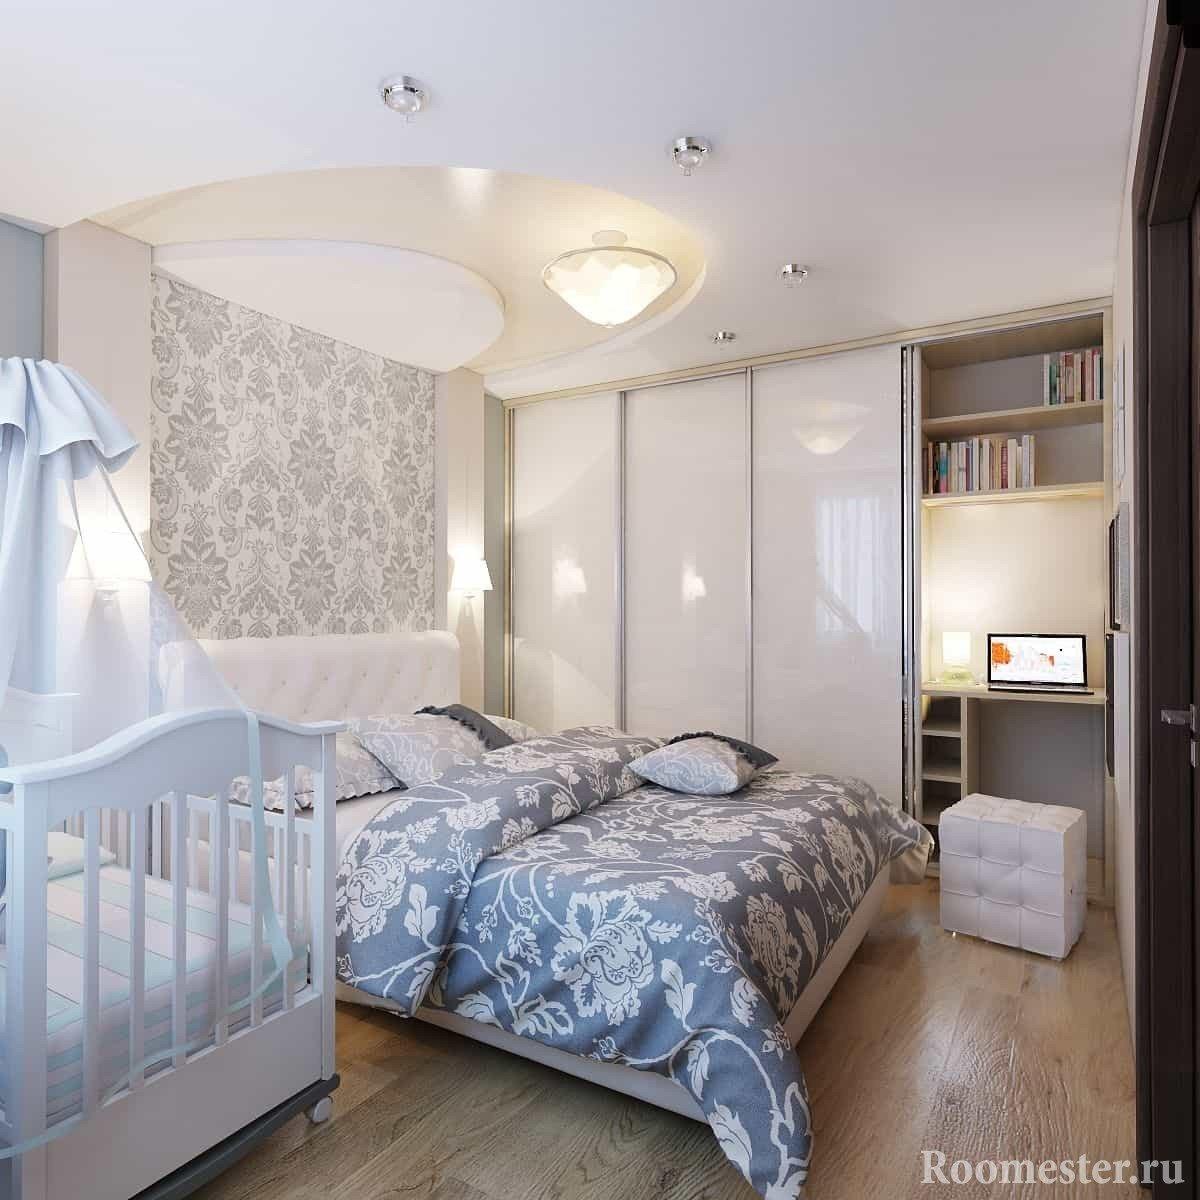 Спальня 4 на 4 метра с детской кроваткой